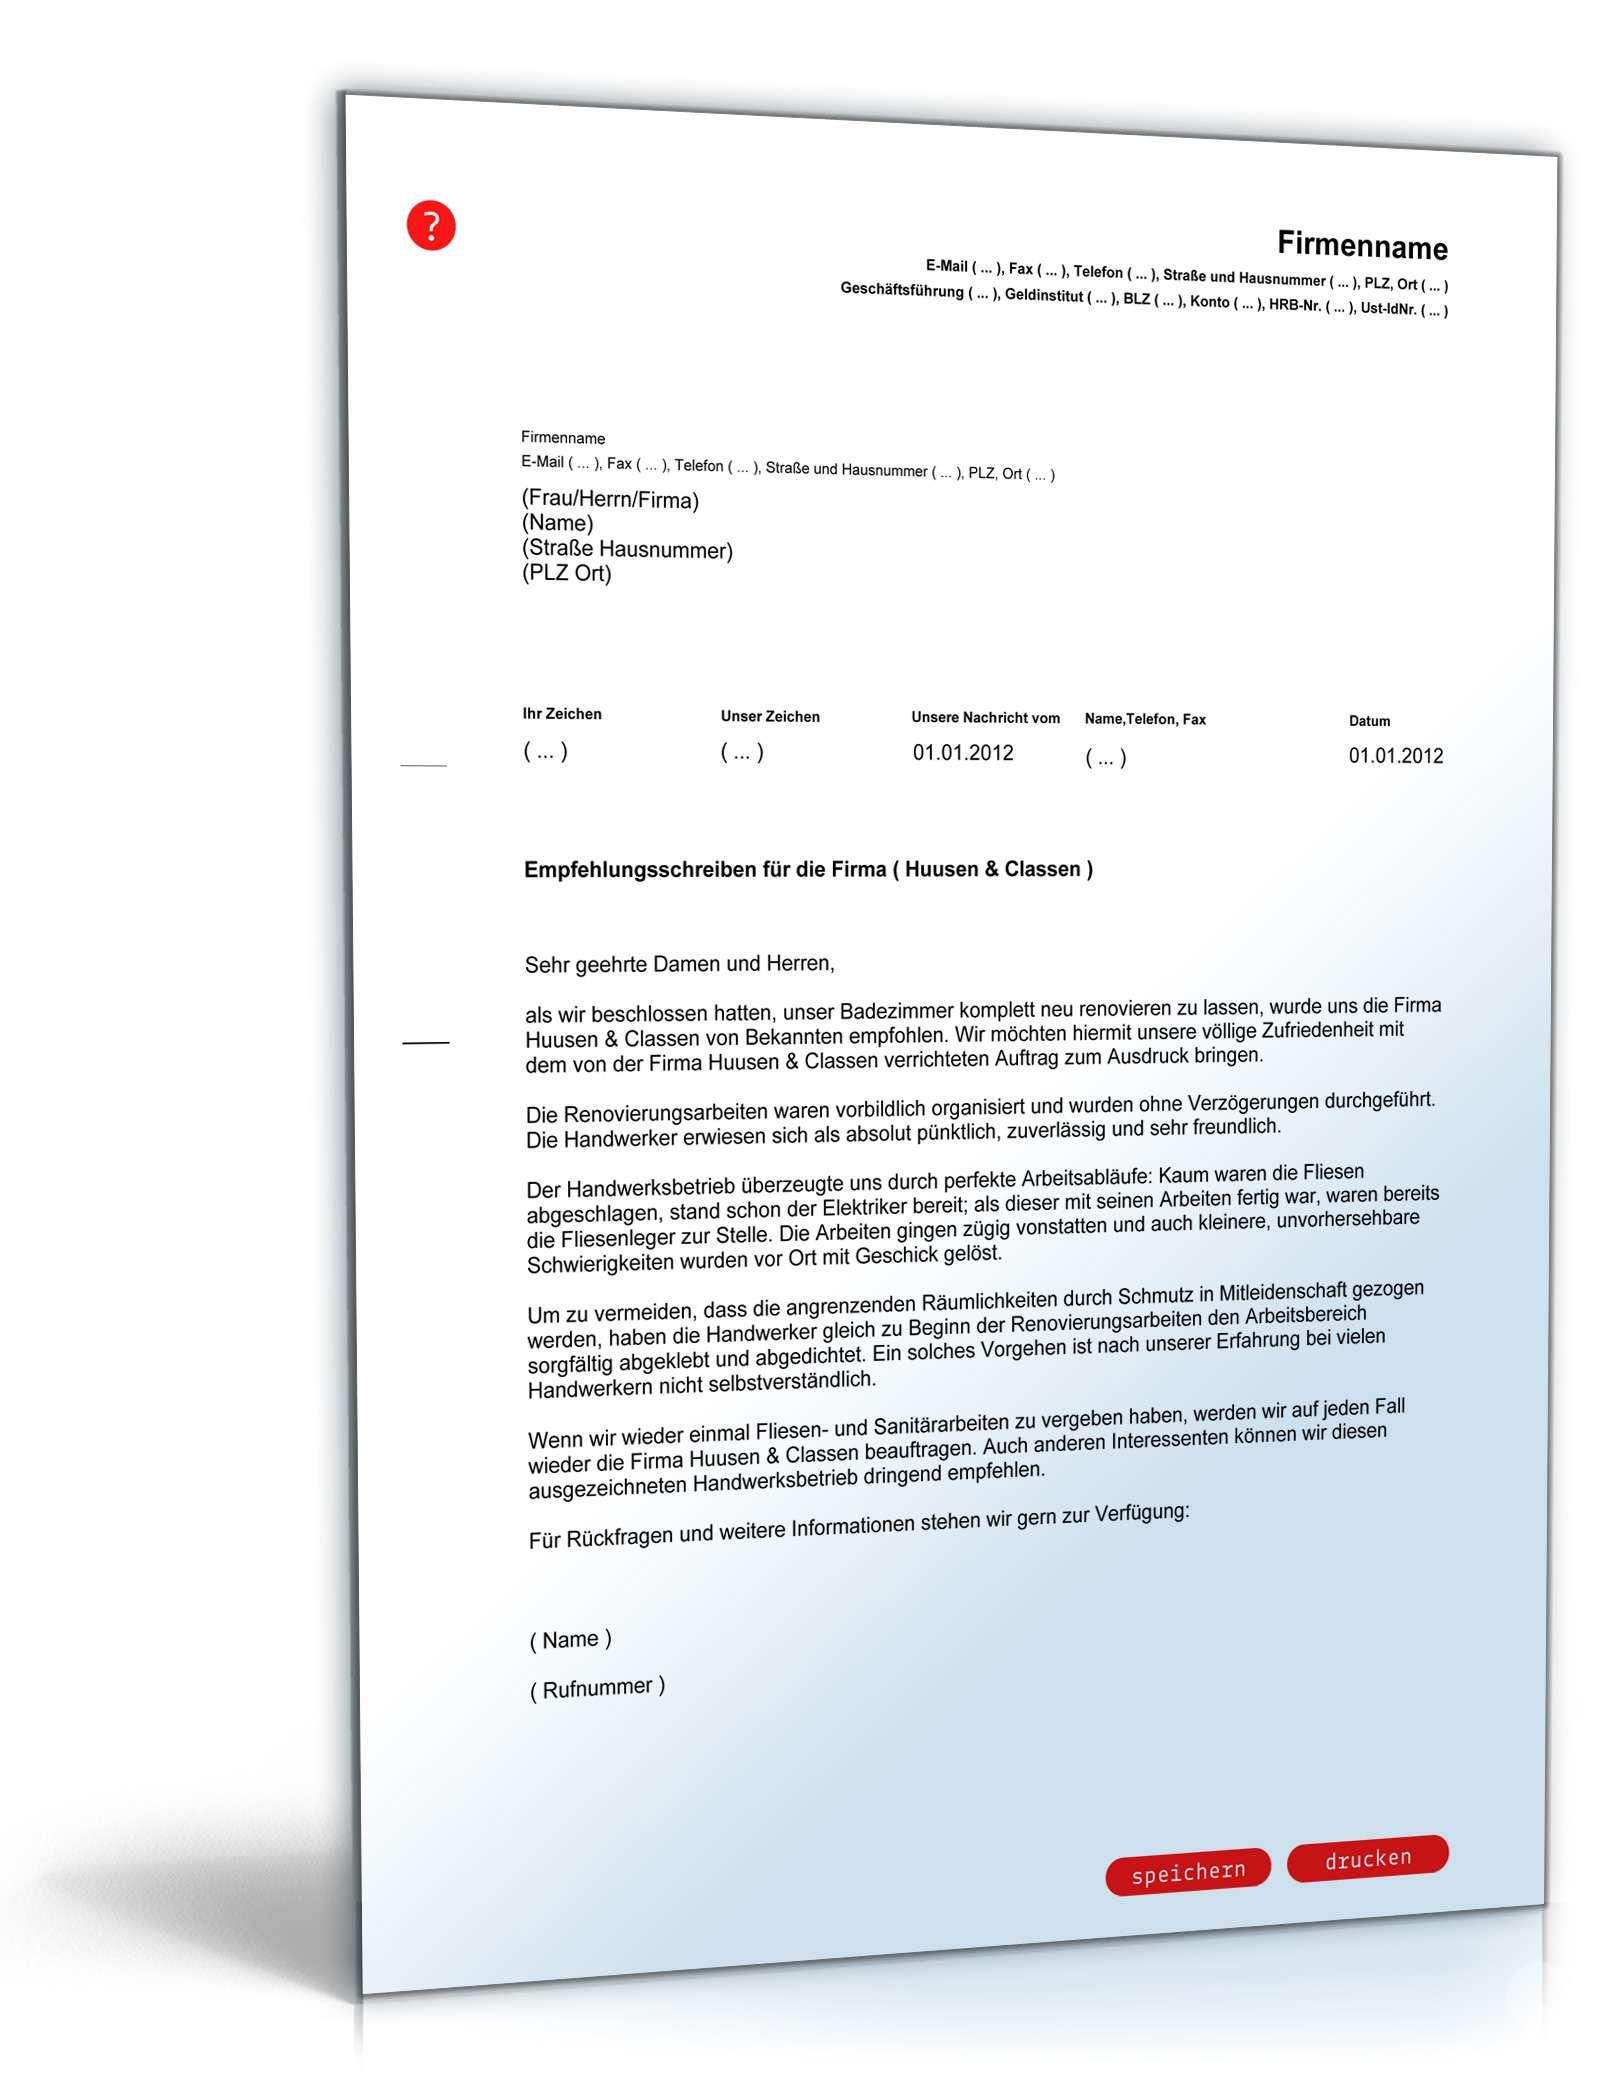 Empfehlungsschreiben Handwerkerbetrieb | Muster zum Download